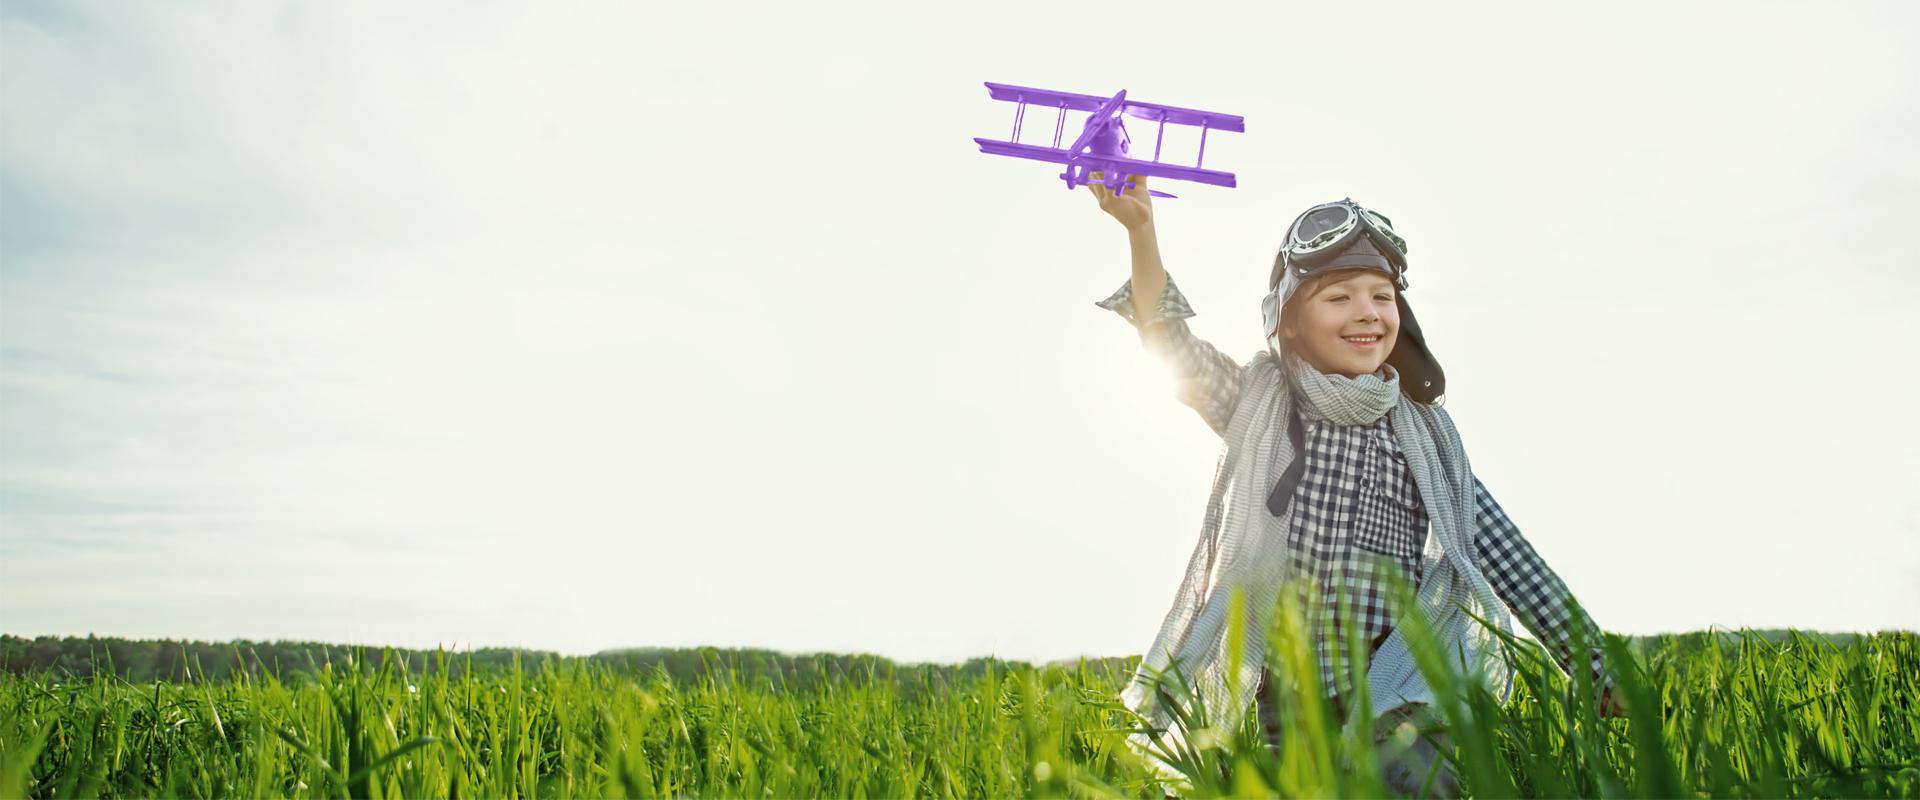 Flyboy-Dream-Big